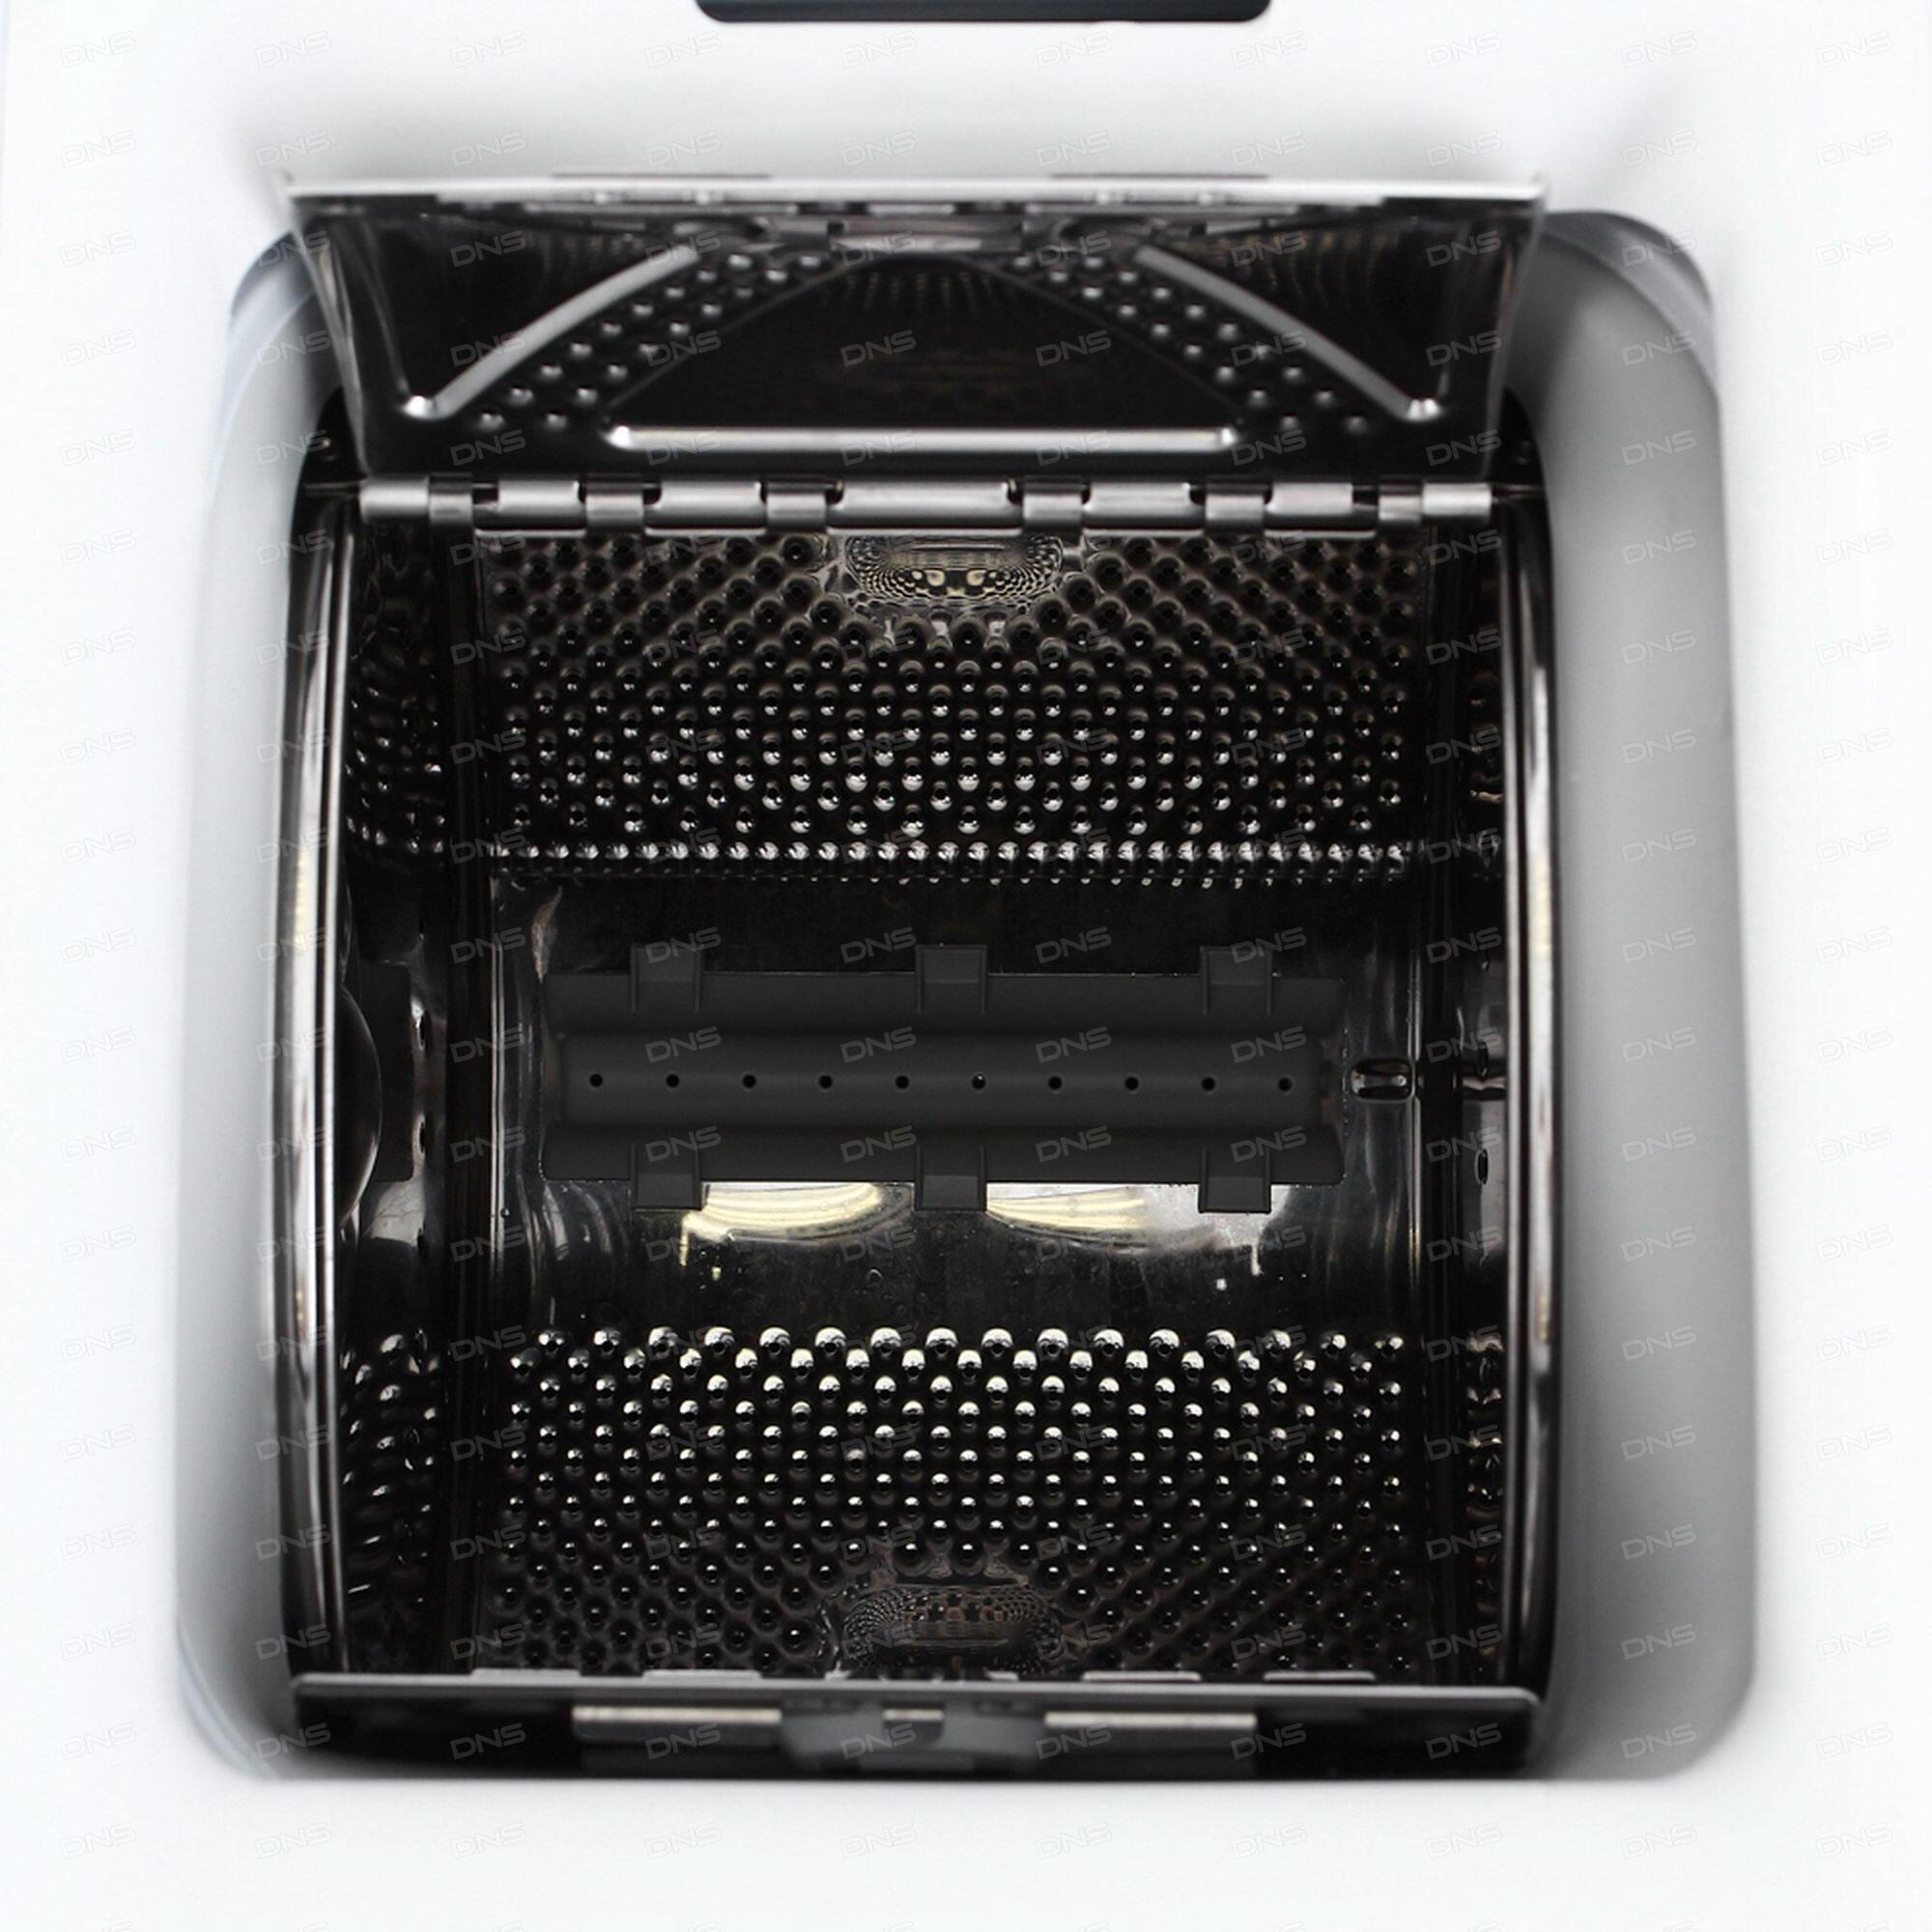 стиральная машина whirlpool awe 6212 отзывы Whirlpool - Главная